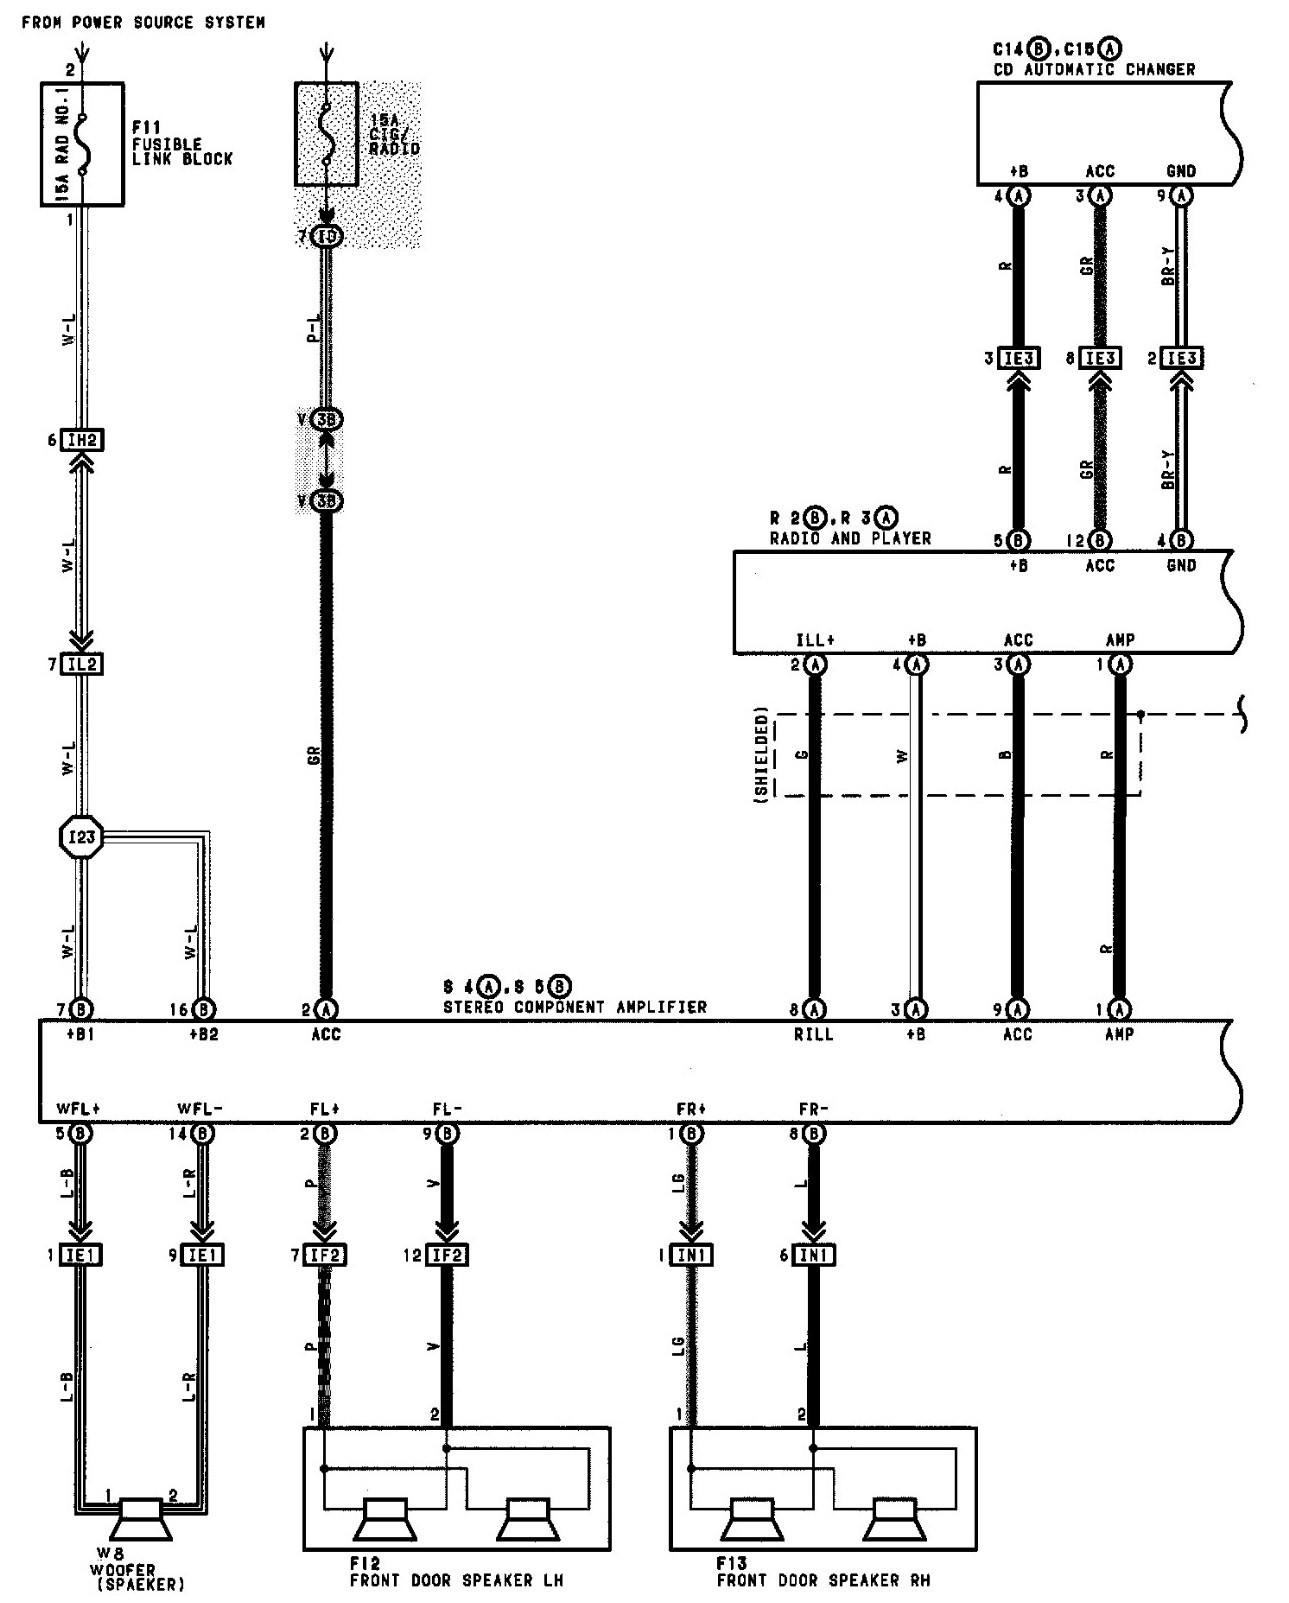 2001 toyota Celica Engine Diagram Wiring Diagram 1997 toyota Celica Schematics Wiring Diagrams •